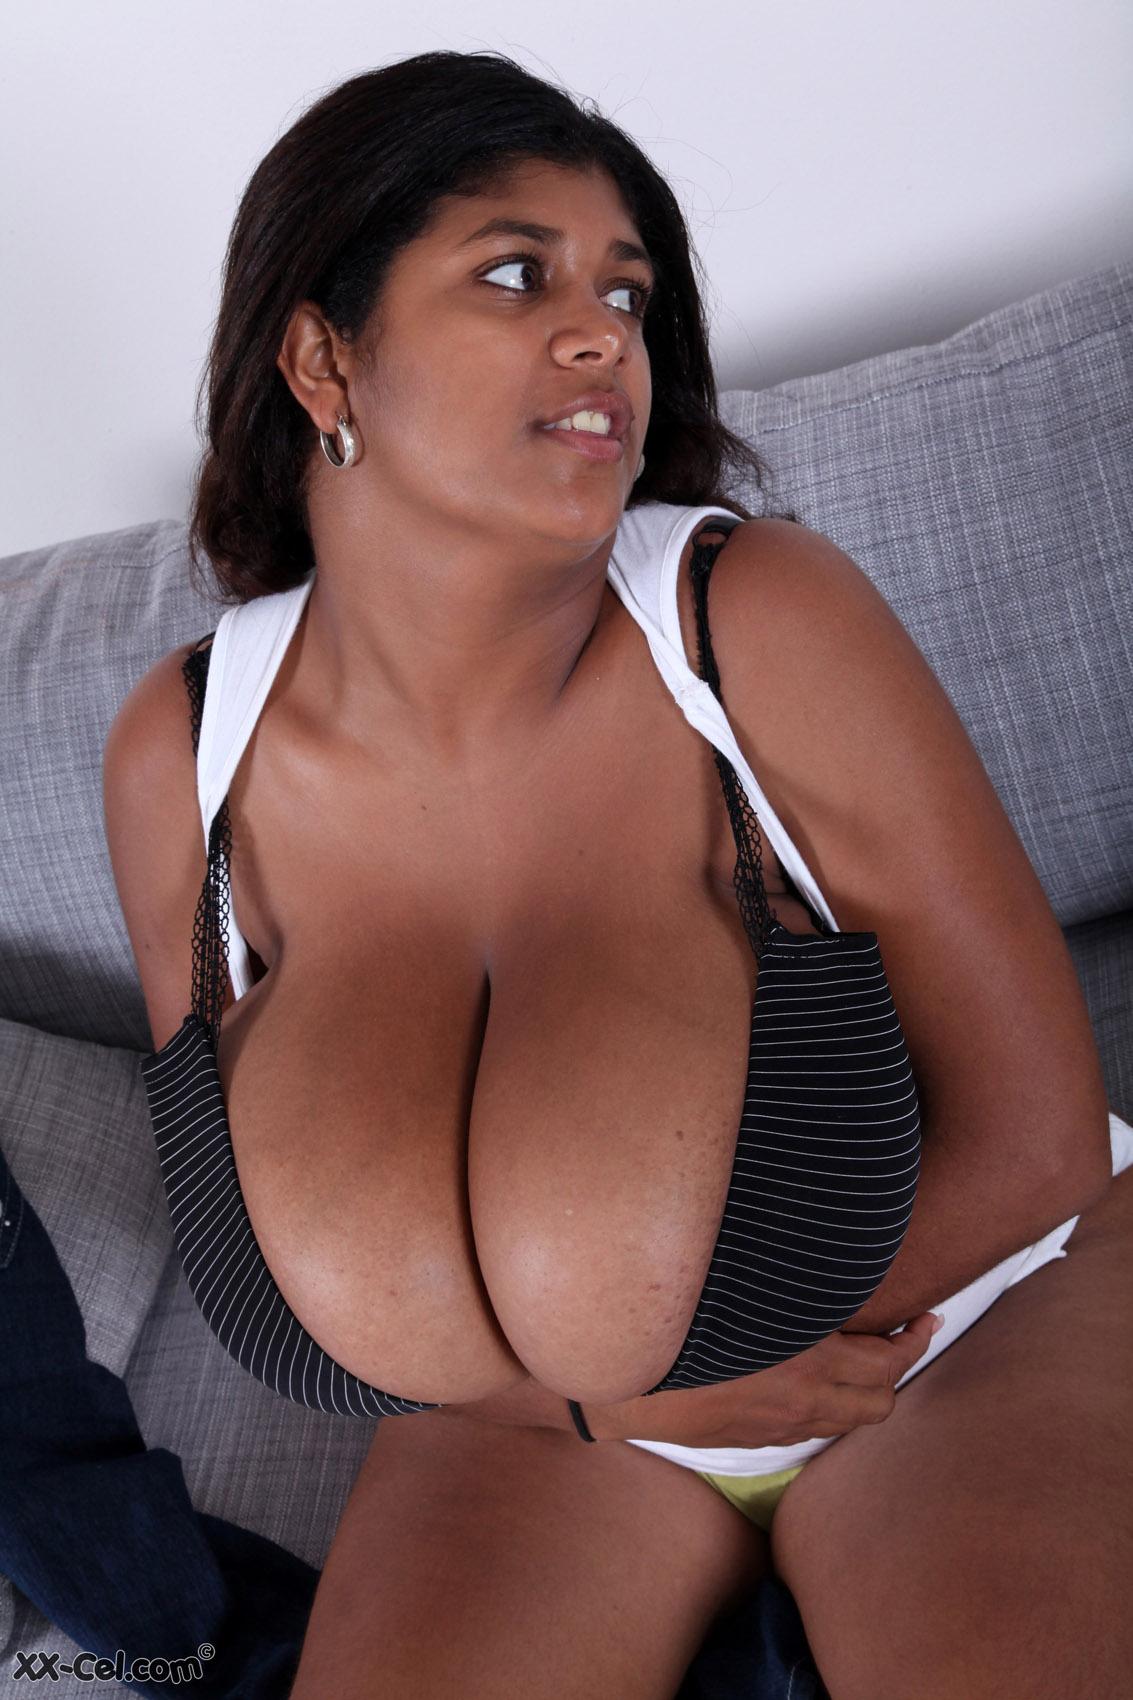 ... Kristina Milan Boobs Tits Breasts XX Cel